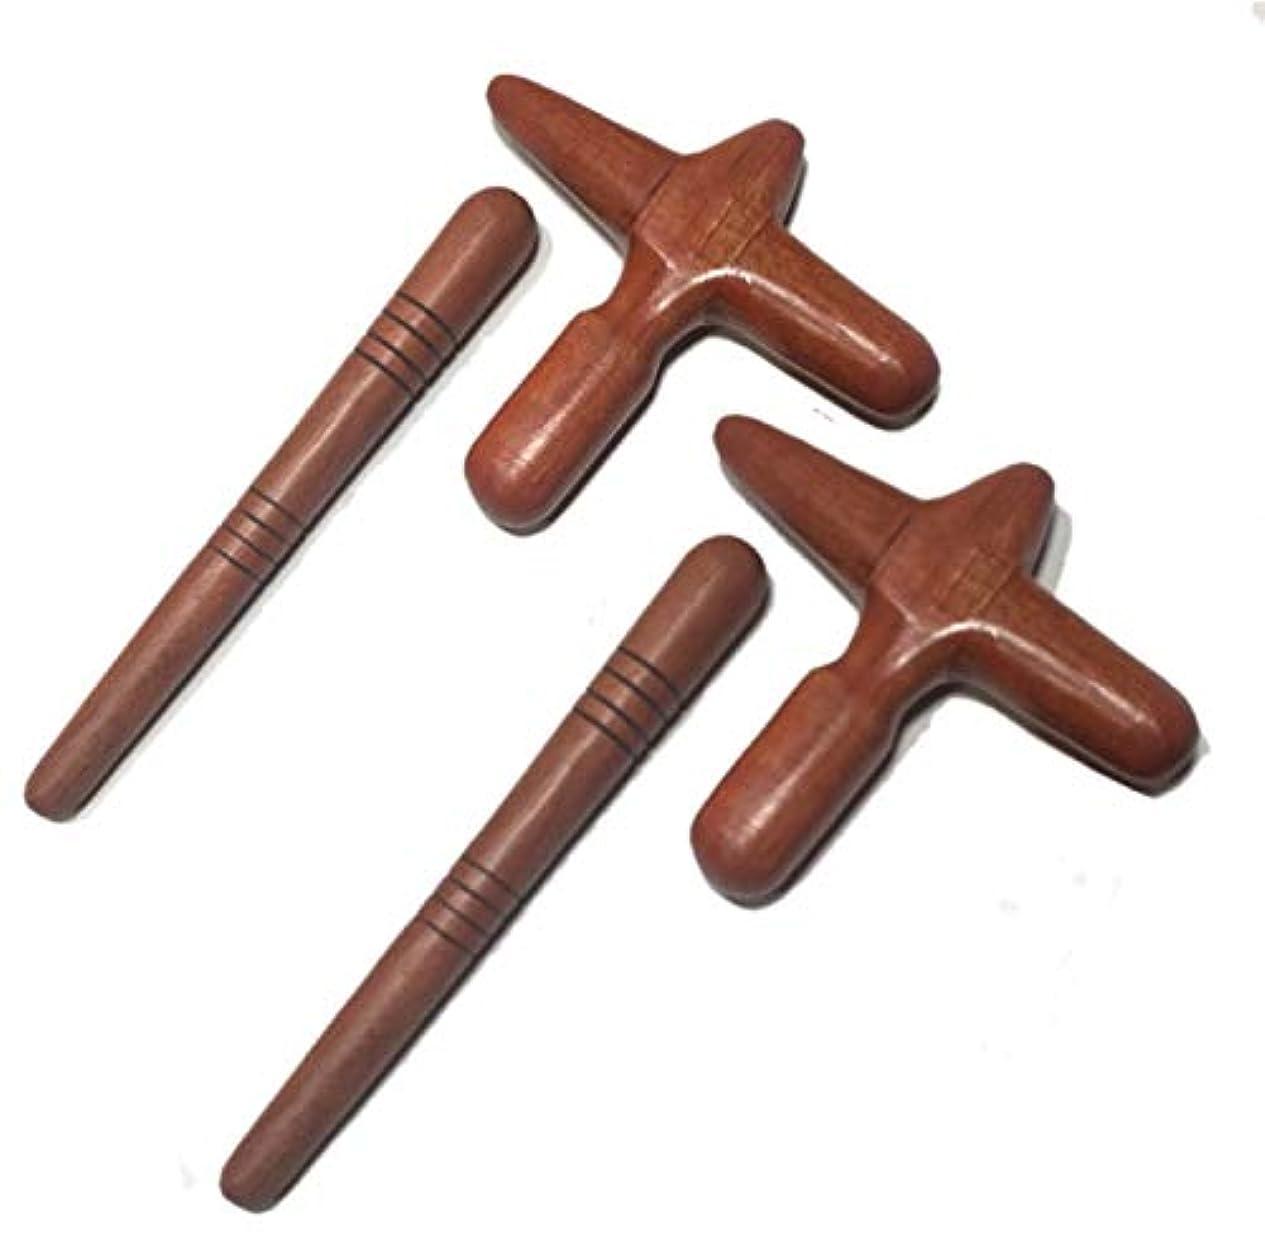 センチメンタル郊外広がり木製 ツボ押し棒 2種類×2セット 足裏マッサージ棒 足つぼ フットマッサージ棒 (2)